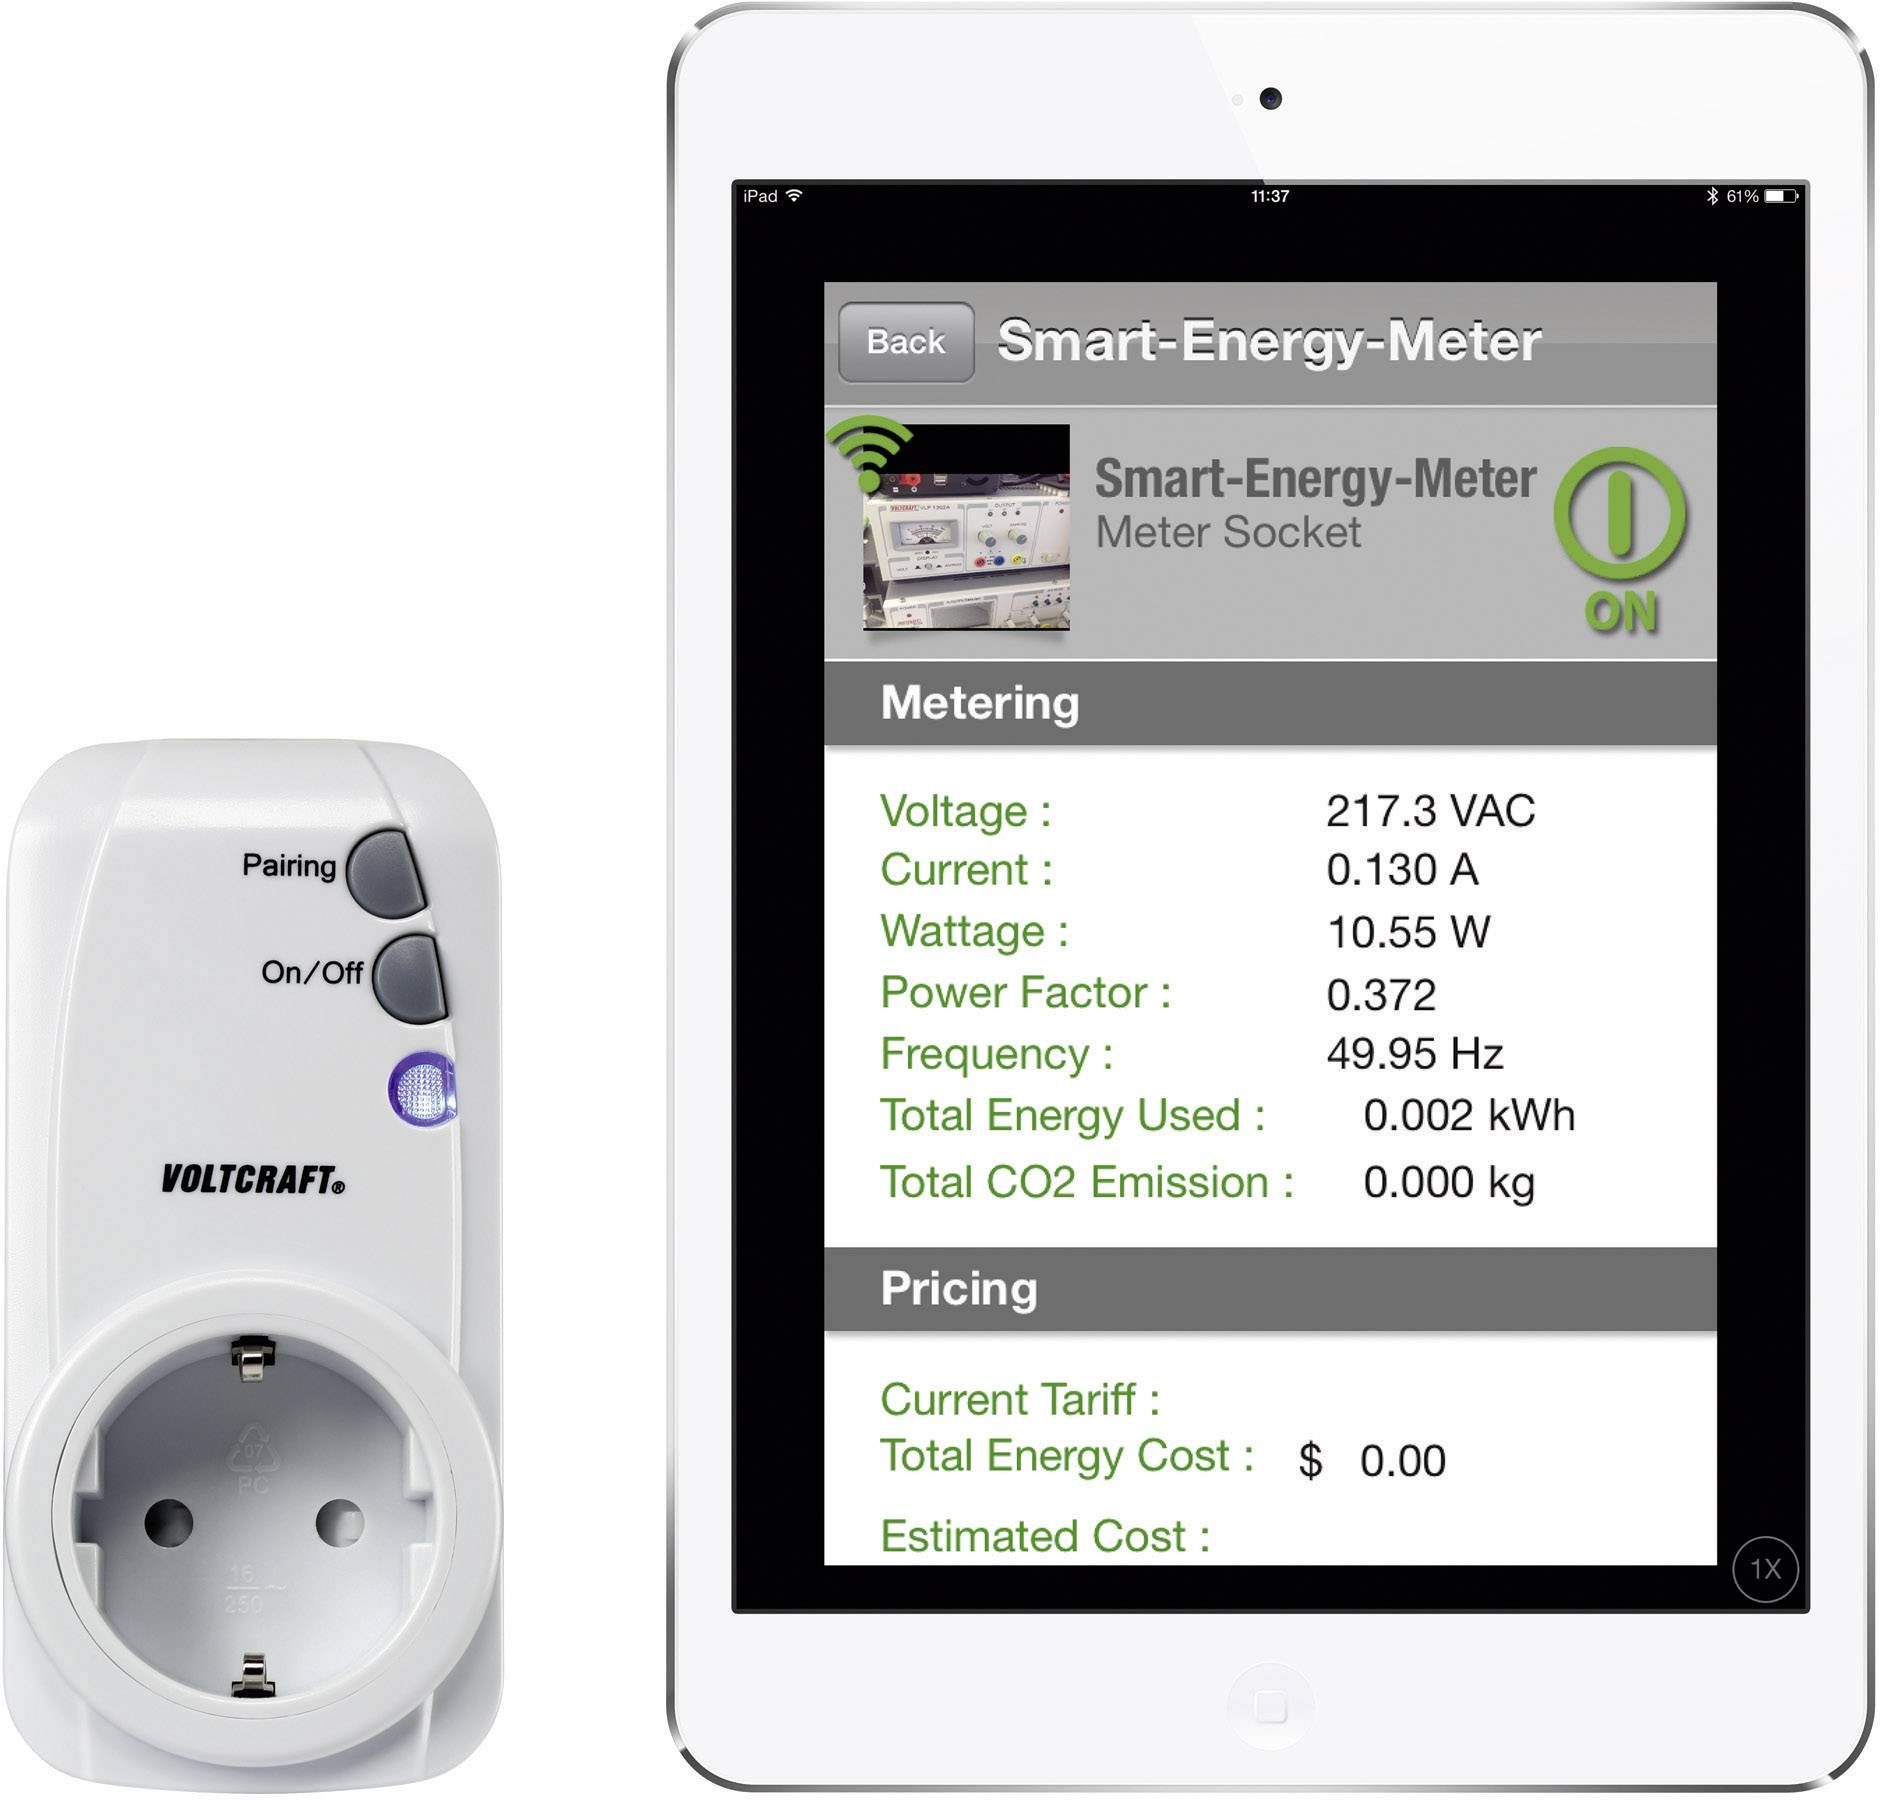 Merač spotreby el.energie so spínacou zásuvkou pre Android a iOS, VOLTCRAFT SEM-3600BT, nemecká schuko zásuvka